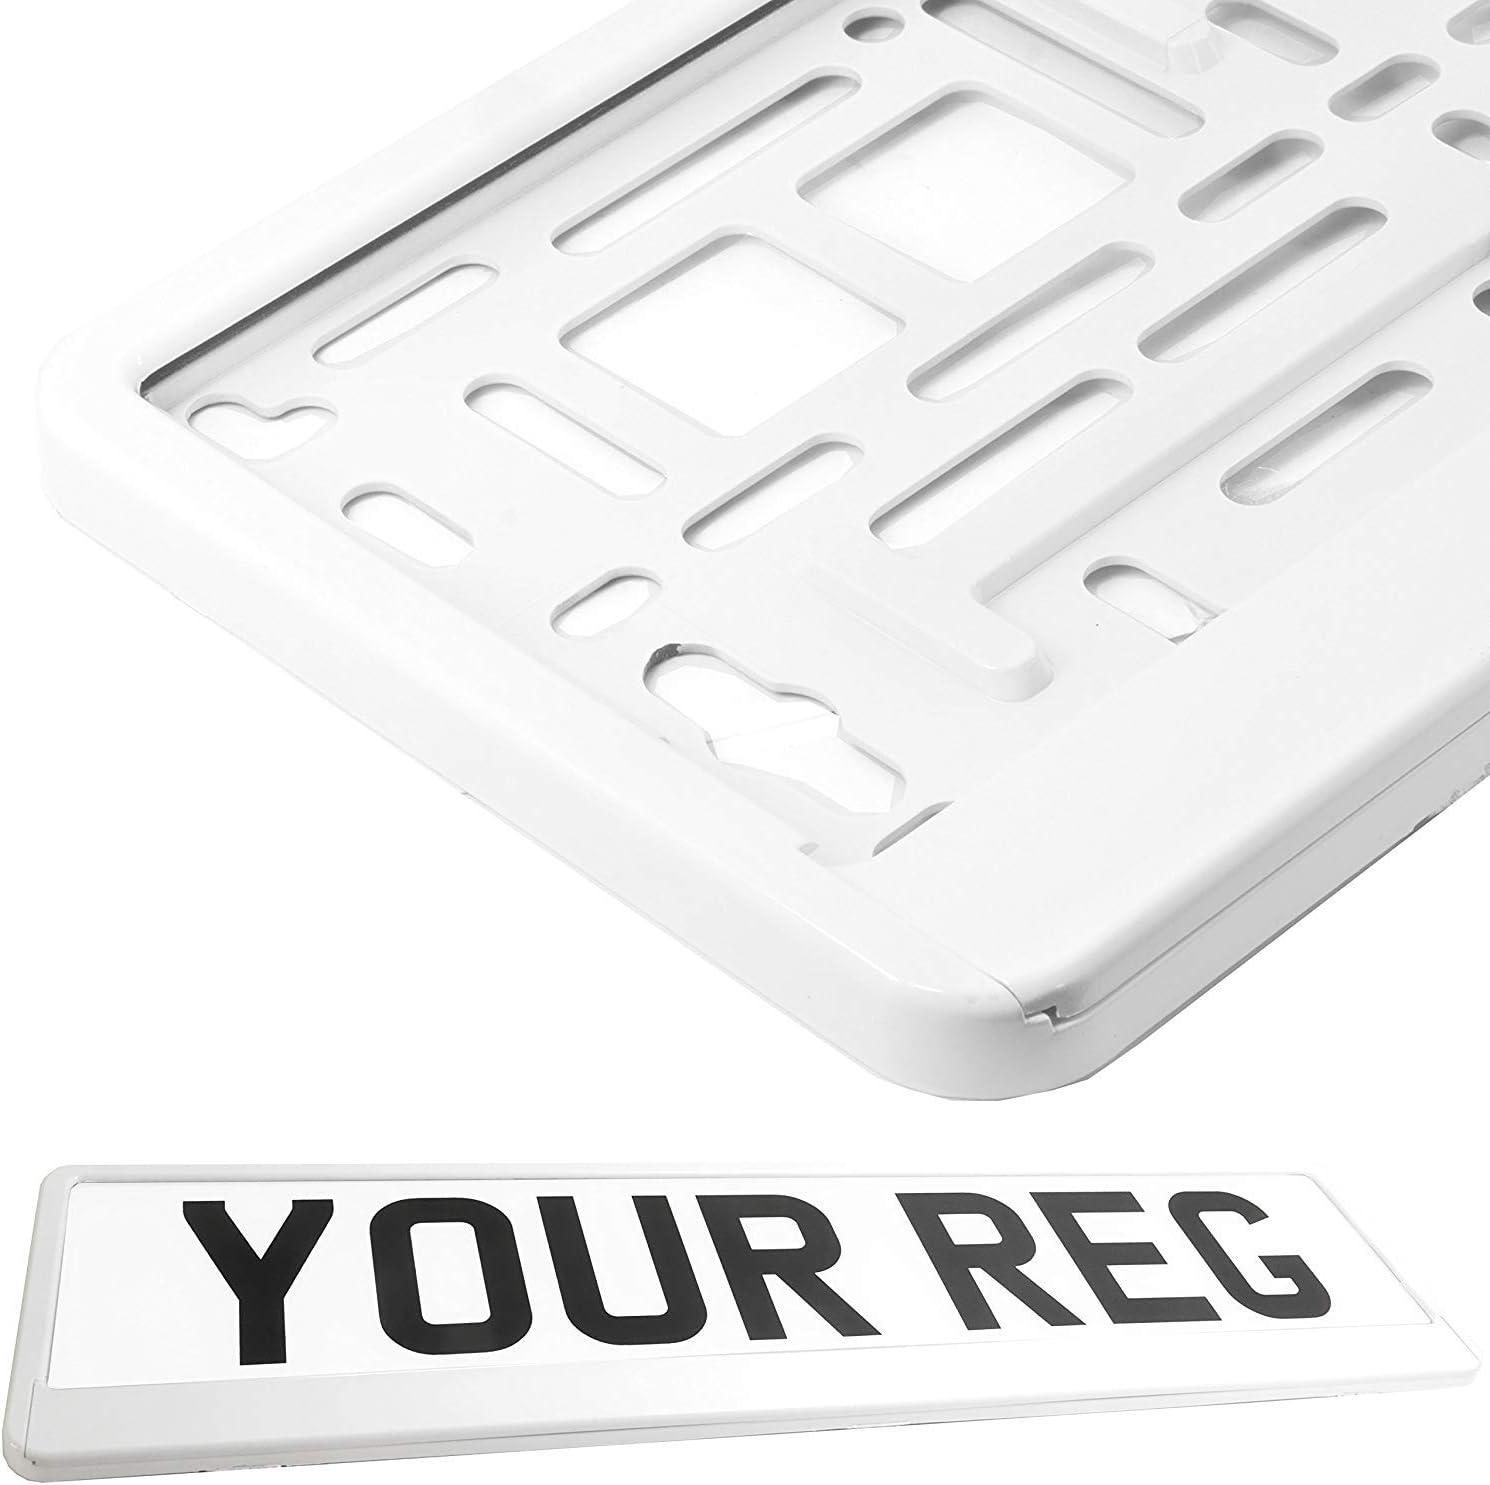 2 X Kennzeichenhalter Weiss Kennzeichenhalterung Weiß Im Set Mit 4 Befestigungsschrauben Montageanleitung Neue Kfz Schein Schutzhülle Alles Neu Ovp Auto